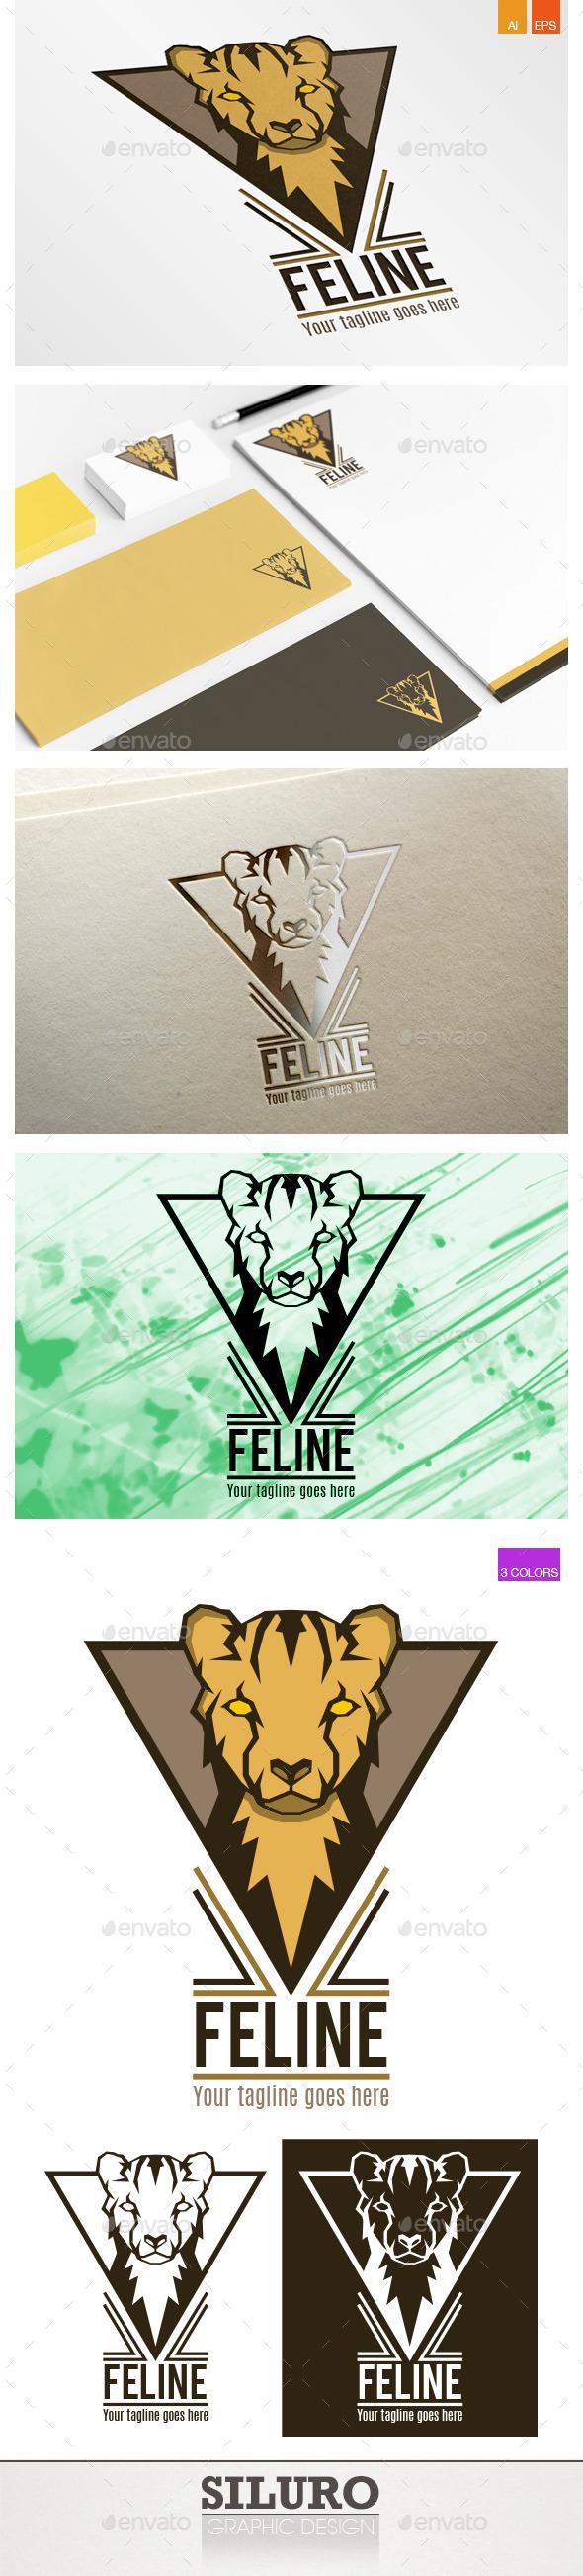 GraphicRiver Feline Logo 9201659